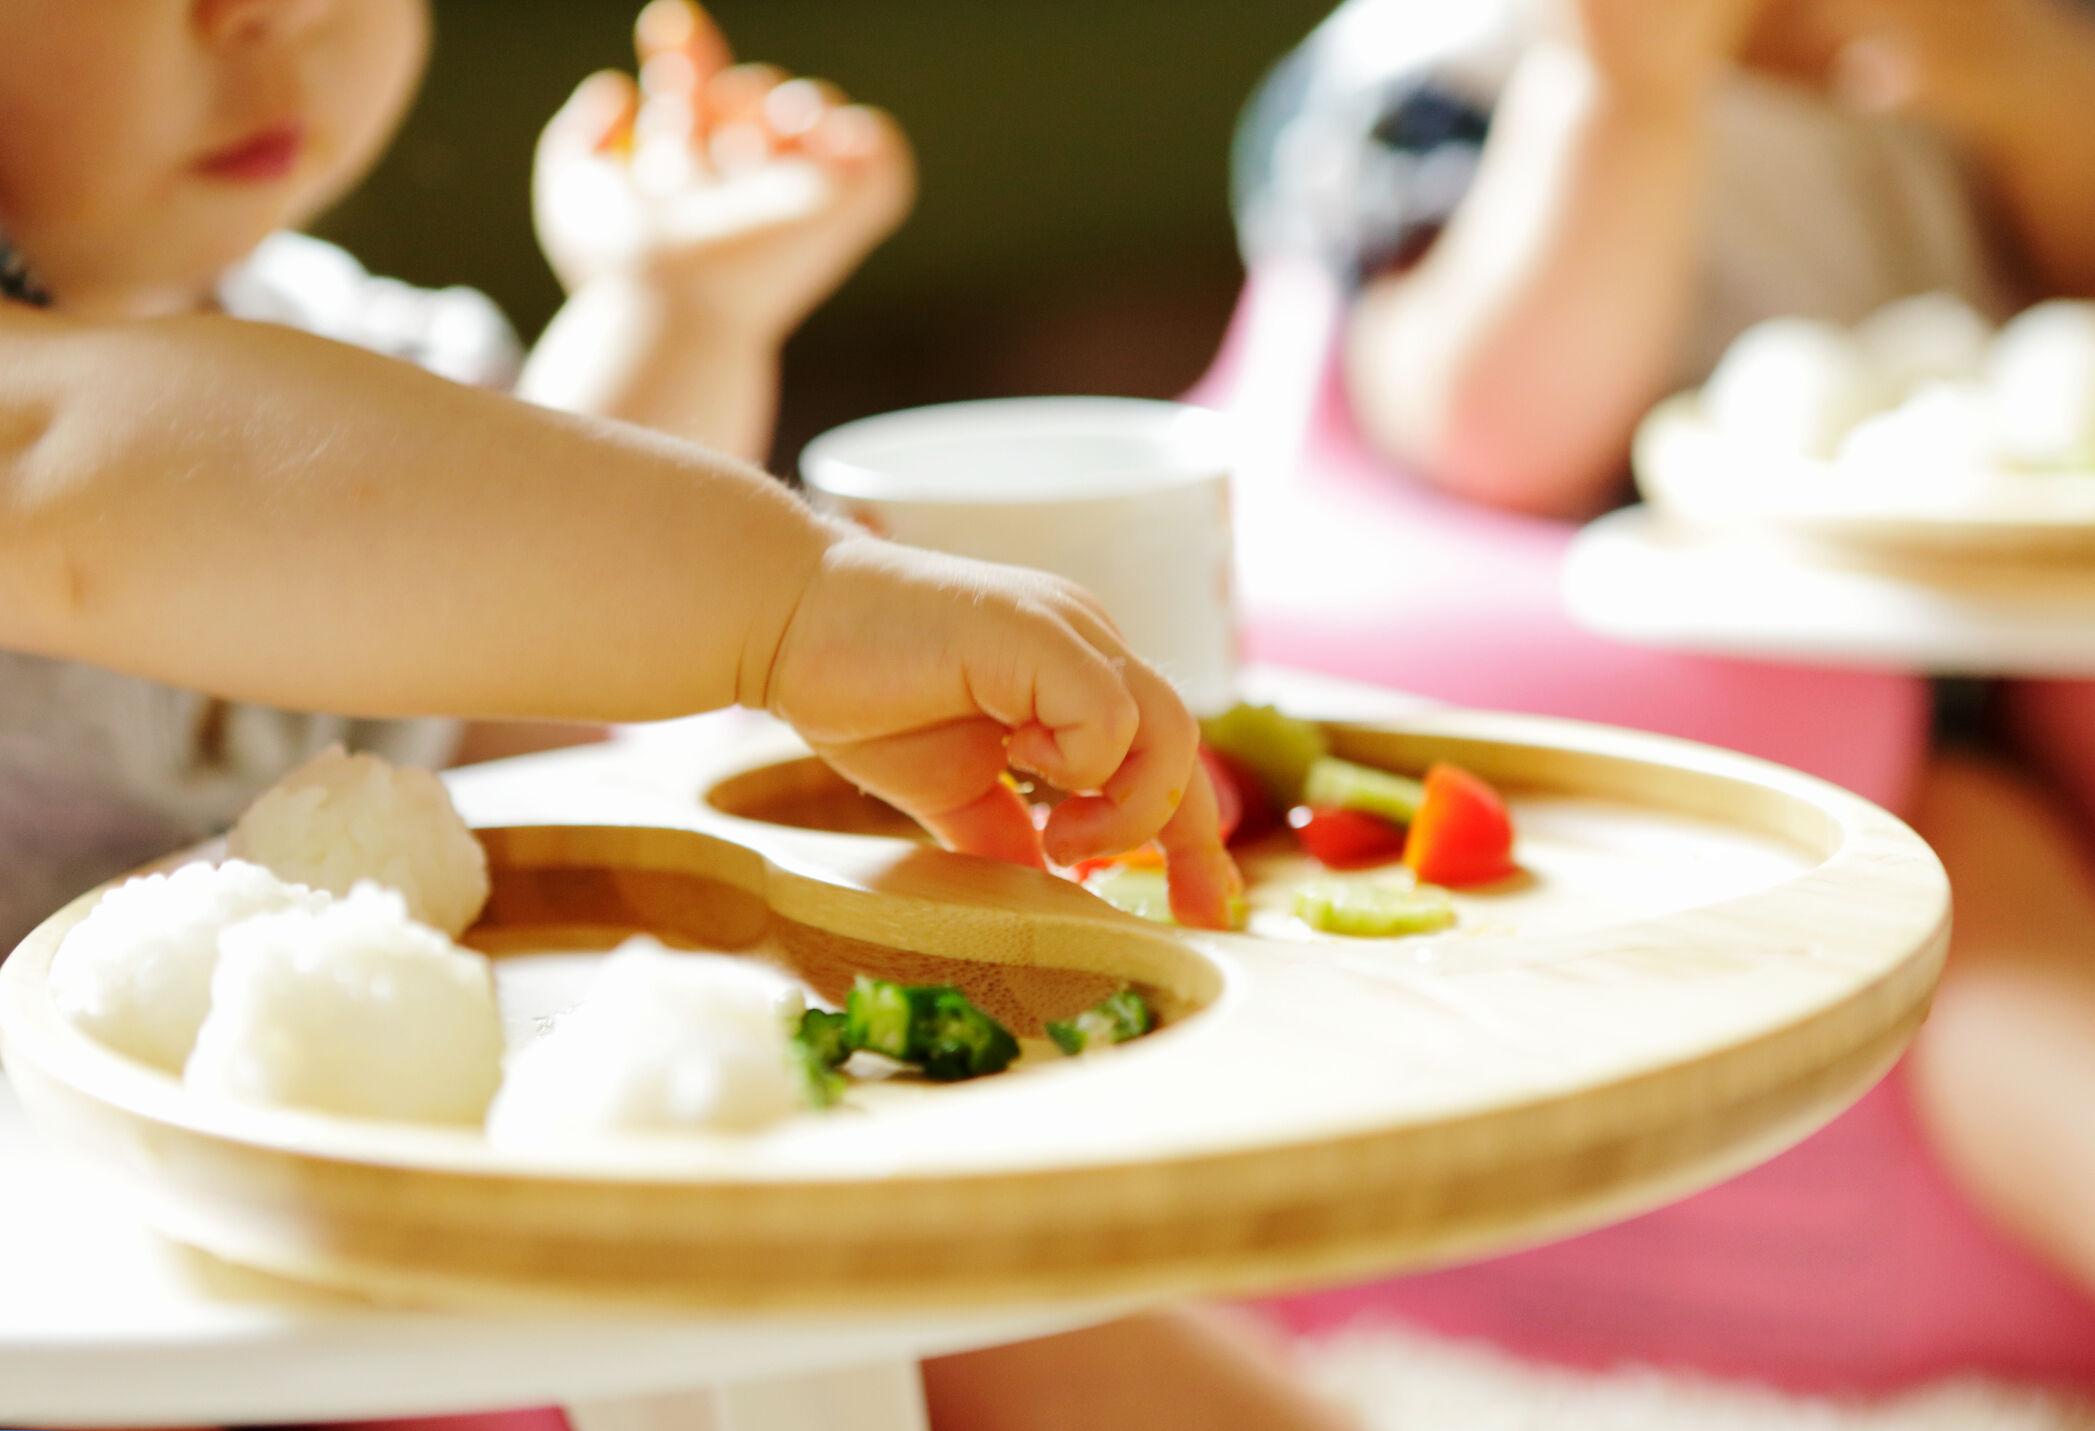 Criança comendo refeição na introdução alimentar